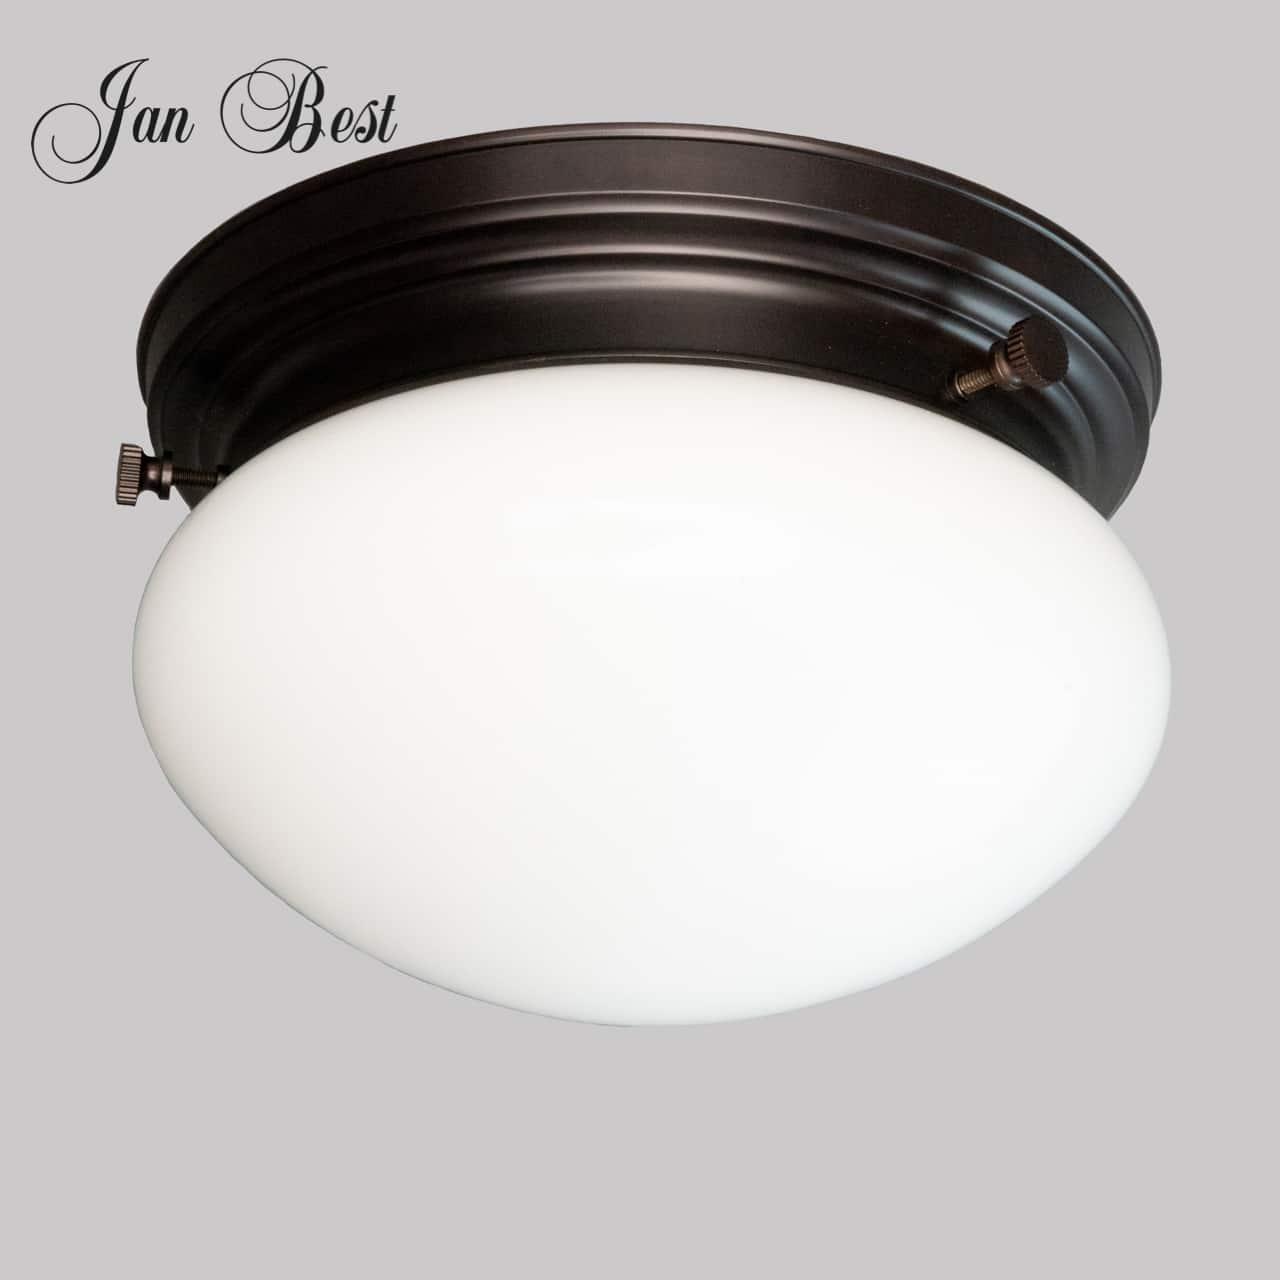 jan-best-plafonnier-badkamer-keuken-nostalgische-klassieke-messing-verlichting-horeca-verlichting-aalsmeer